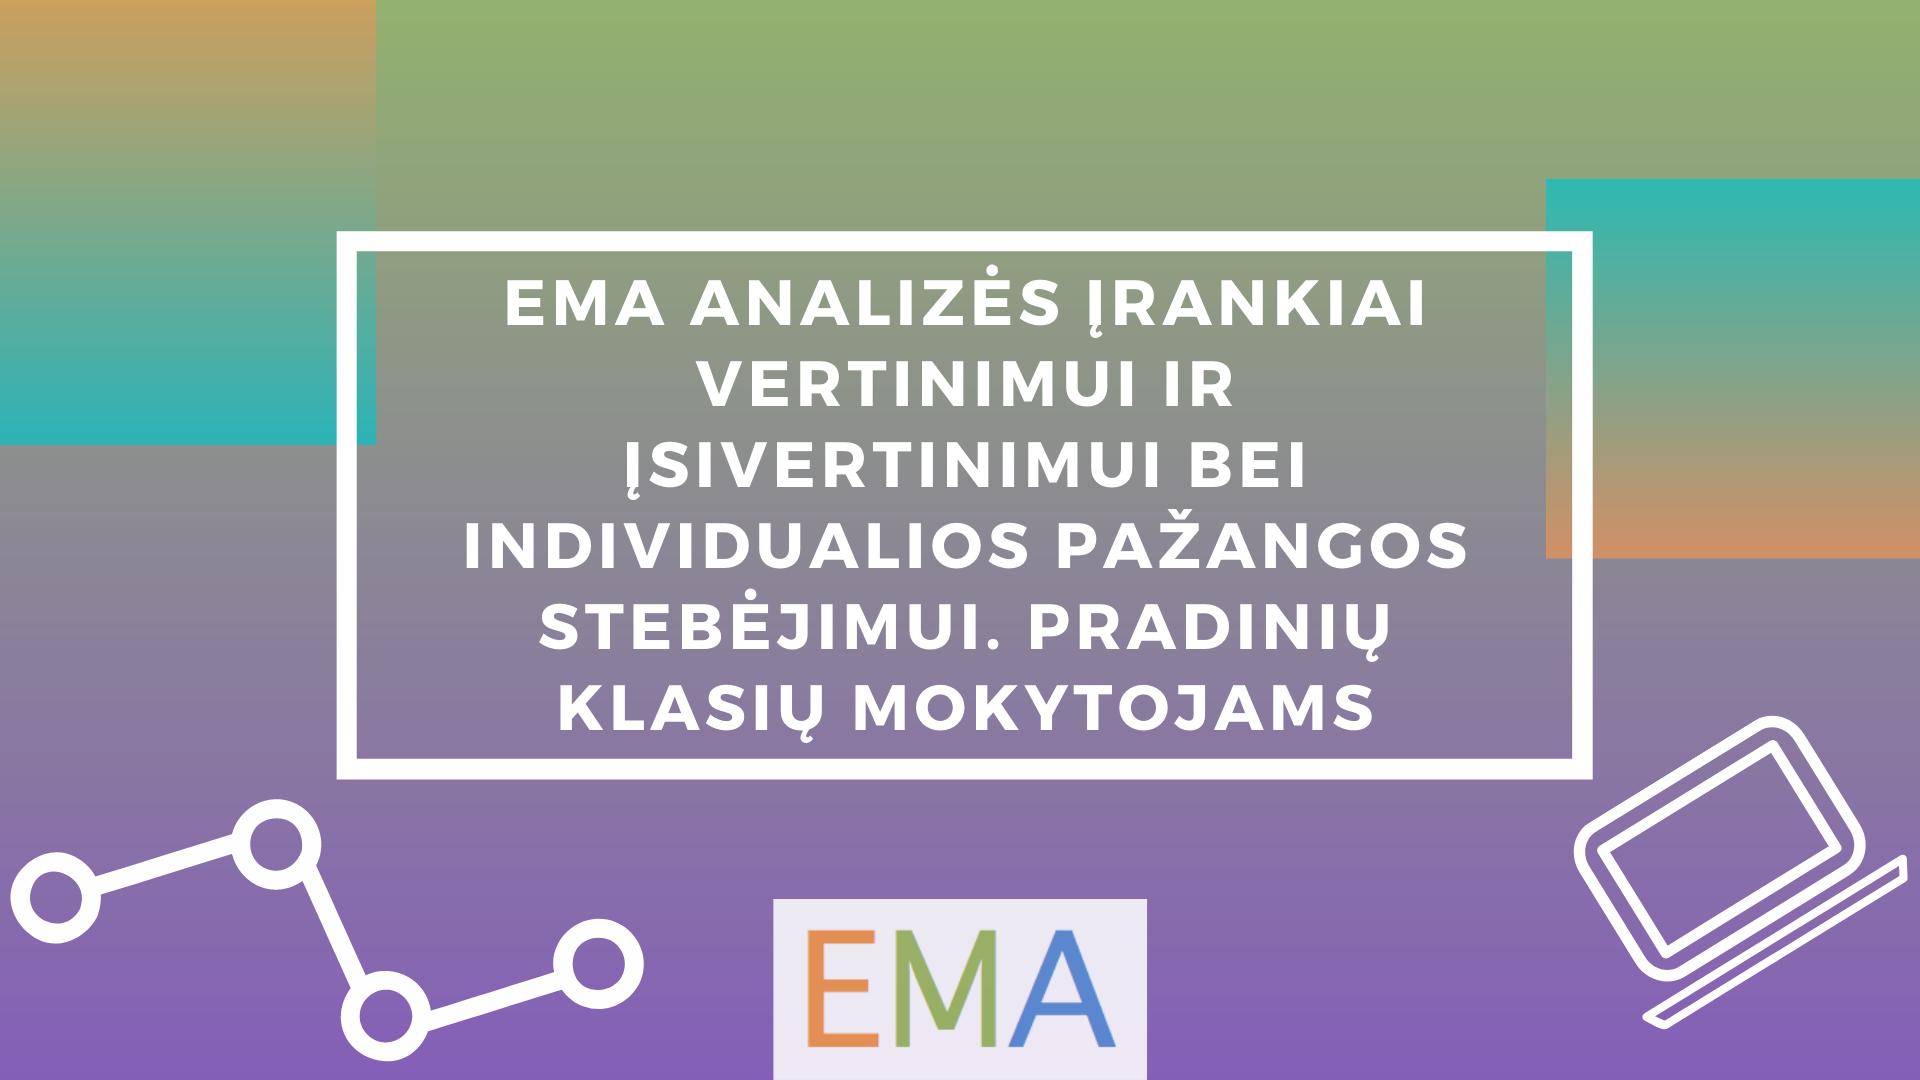 EMA analizės įrankiai vertinimui ir įsivertinimui bei individualios pažangos stebėjimui. Pradinių klasių mokytojams